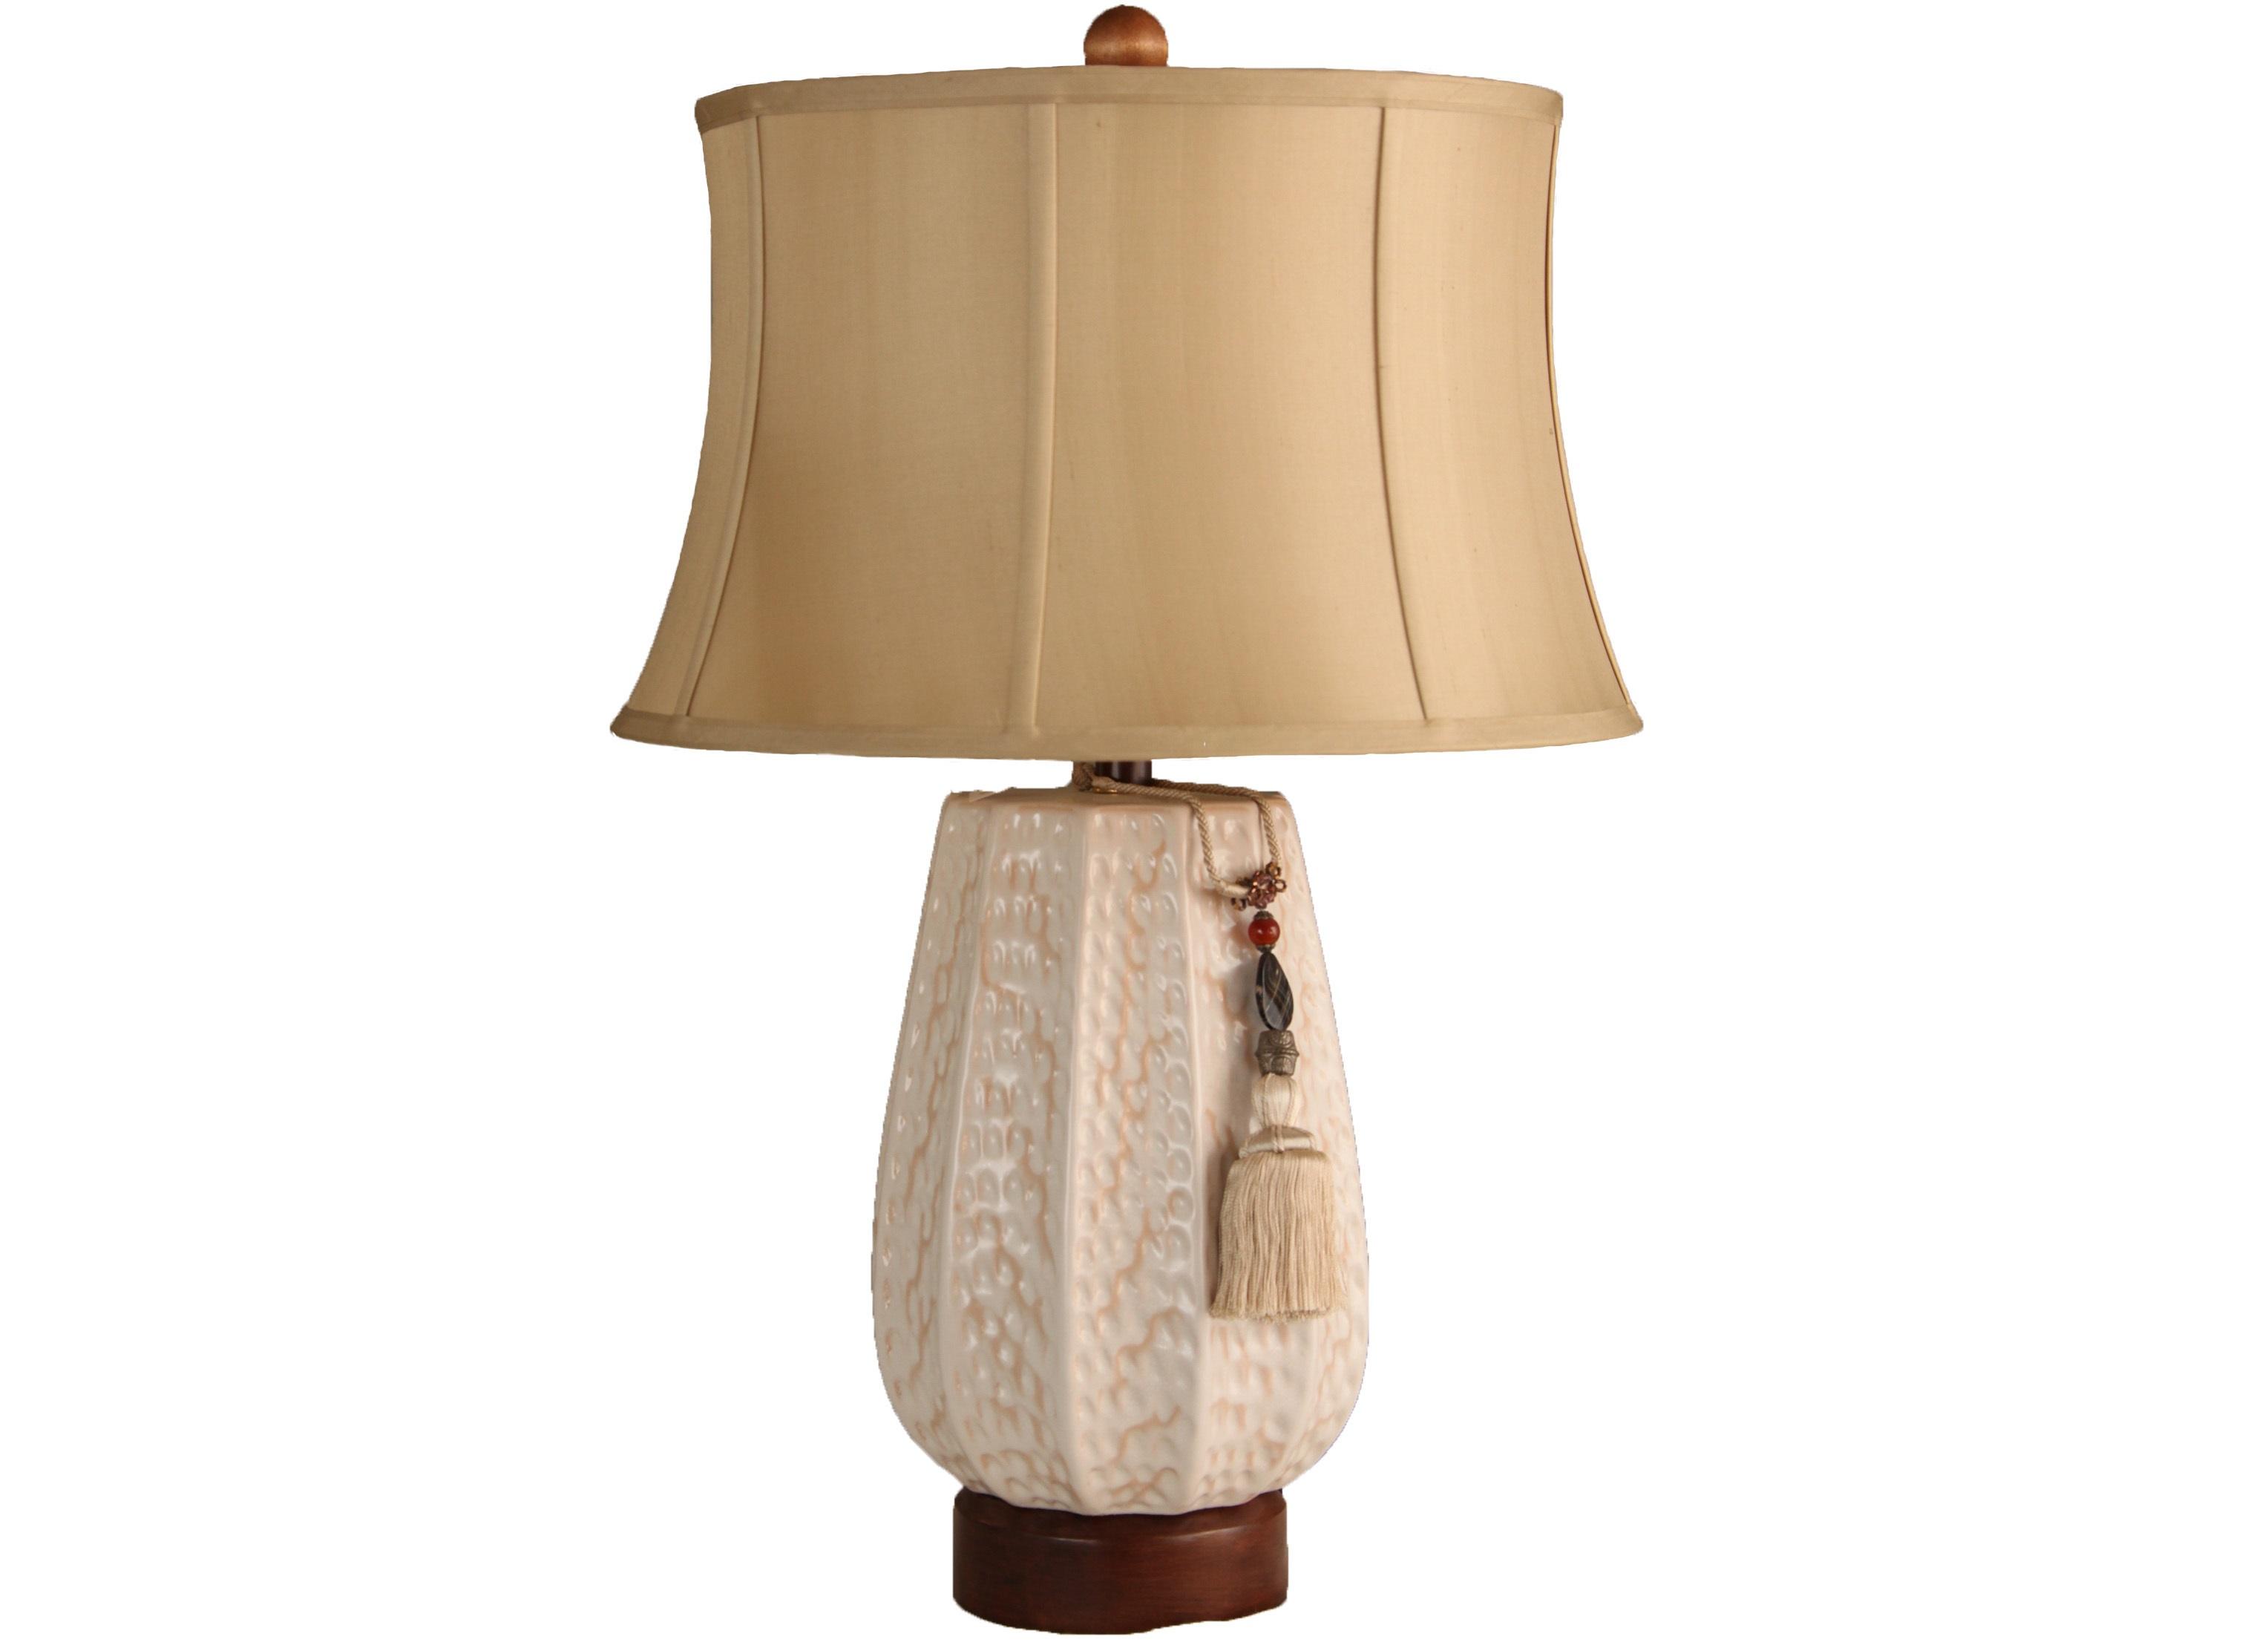 Настольная Лампа Returning TideДекоративные лампы<br>The Natural Light – это целая философия света, которая заключается всего в нескольких простых словах: природа – это лучшее, что у нас есть. Сохраняя любовь к природе и умело воплощая природную теплоту в предметах декора, компания создает по-настоящему великолепные вещи, способные преобразить любое пространство.&amp;amp;nbsp;&amp;lt;div&amp;gt;&amp;lt;br&amp;gt;&amp;lt;/div&amp;gt;&amp;lt;div&amp;gt;&amp;lt;div&amp;gt;Вид цоколя: Е27&amp;lt;/div&amp;gt;&amp;lt;div&amp;gt;Мощность лампы: 100W&amp;lt;/div&amp;gt;&amp;lt;div&amp;gt;Количество ламп: 1&amp;lt;/div&amp;gt;&amp;lt;/div&amp;gt;<br><br>Material: Керамика<br>Length см: 0<br>Width см: 46<br>Depth см: 46<br>Height см: 72,5<br>Diameter см: 0